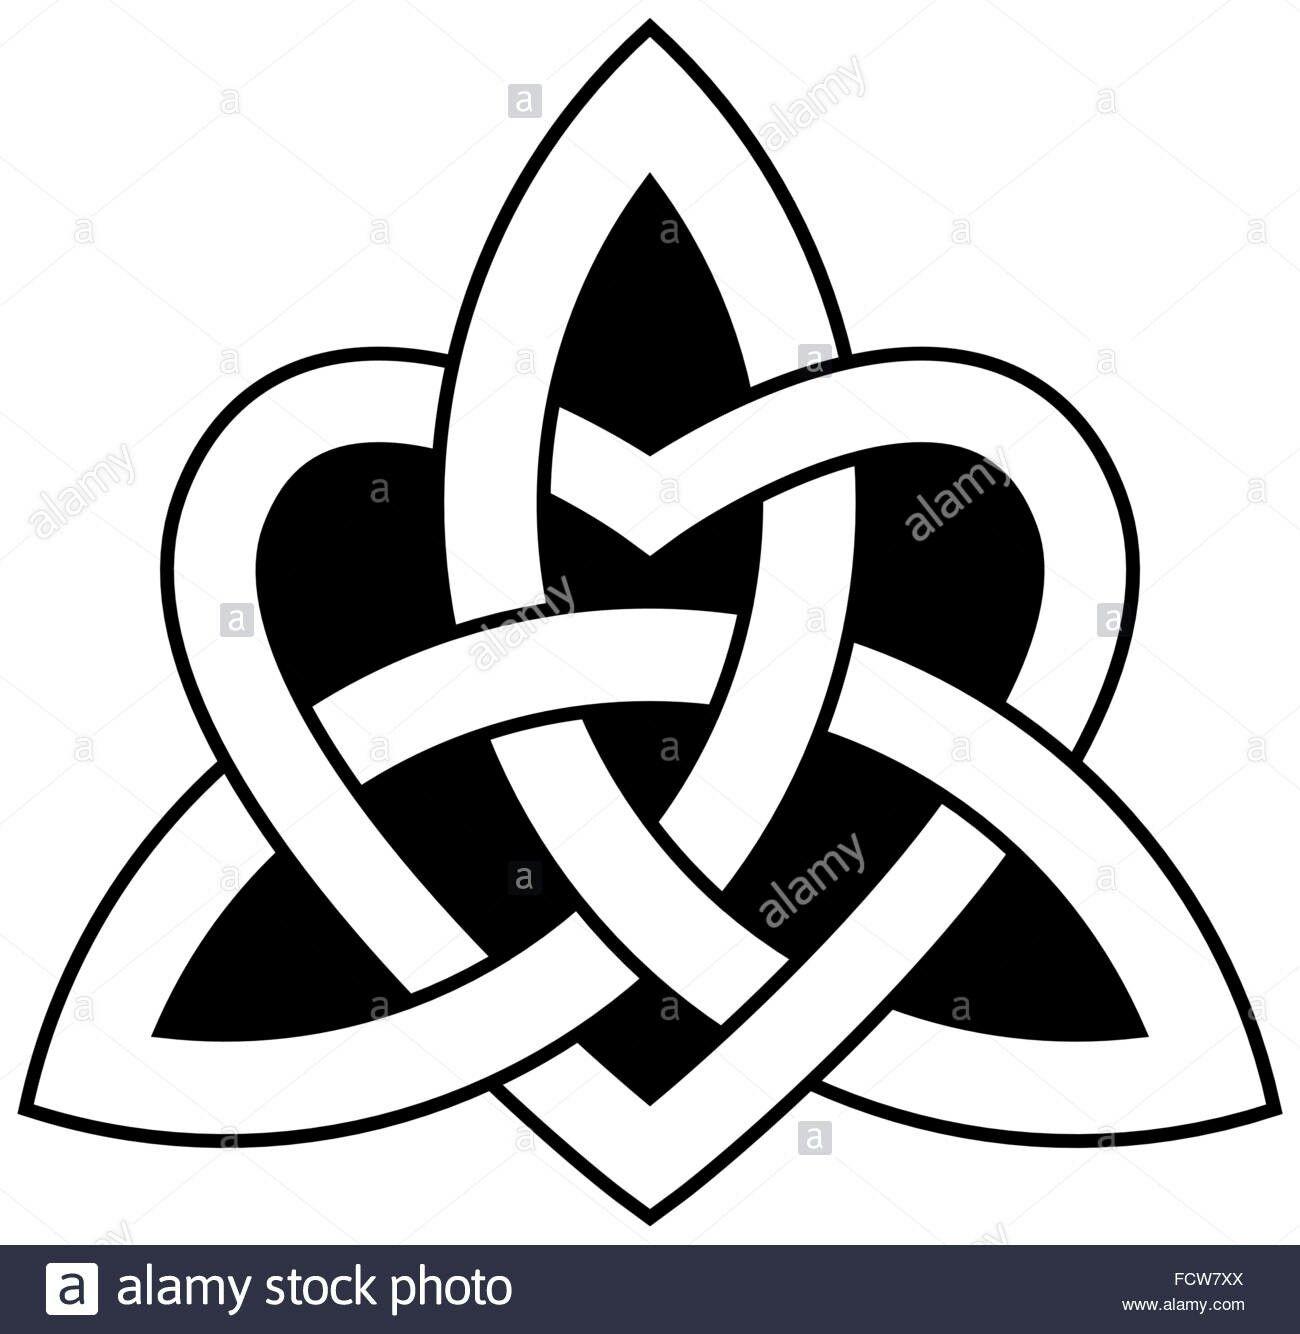 кельтские символы близнецы фото можете общаться кем